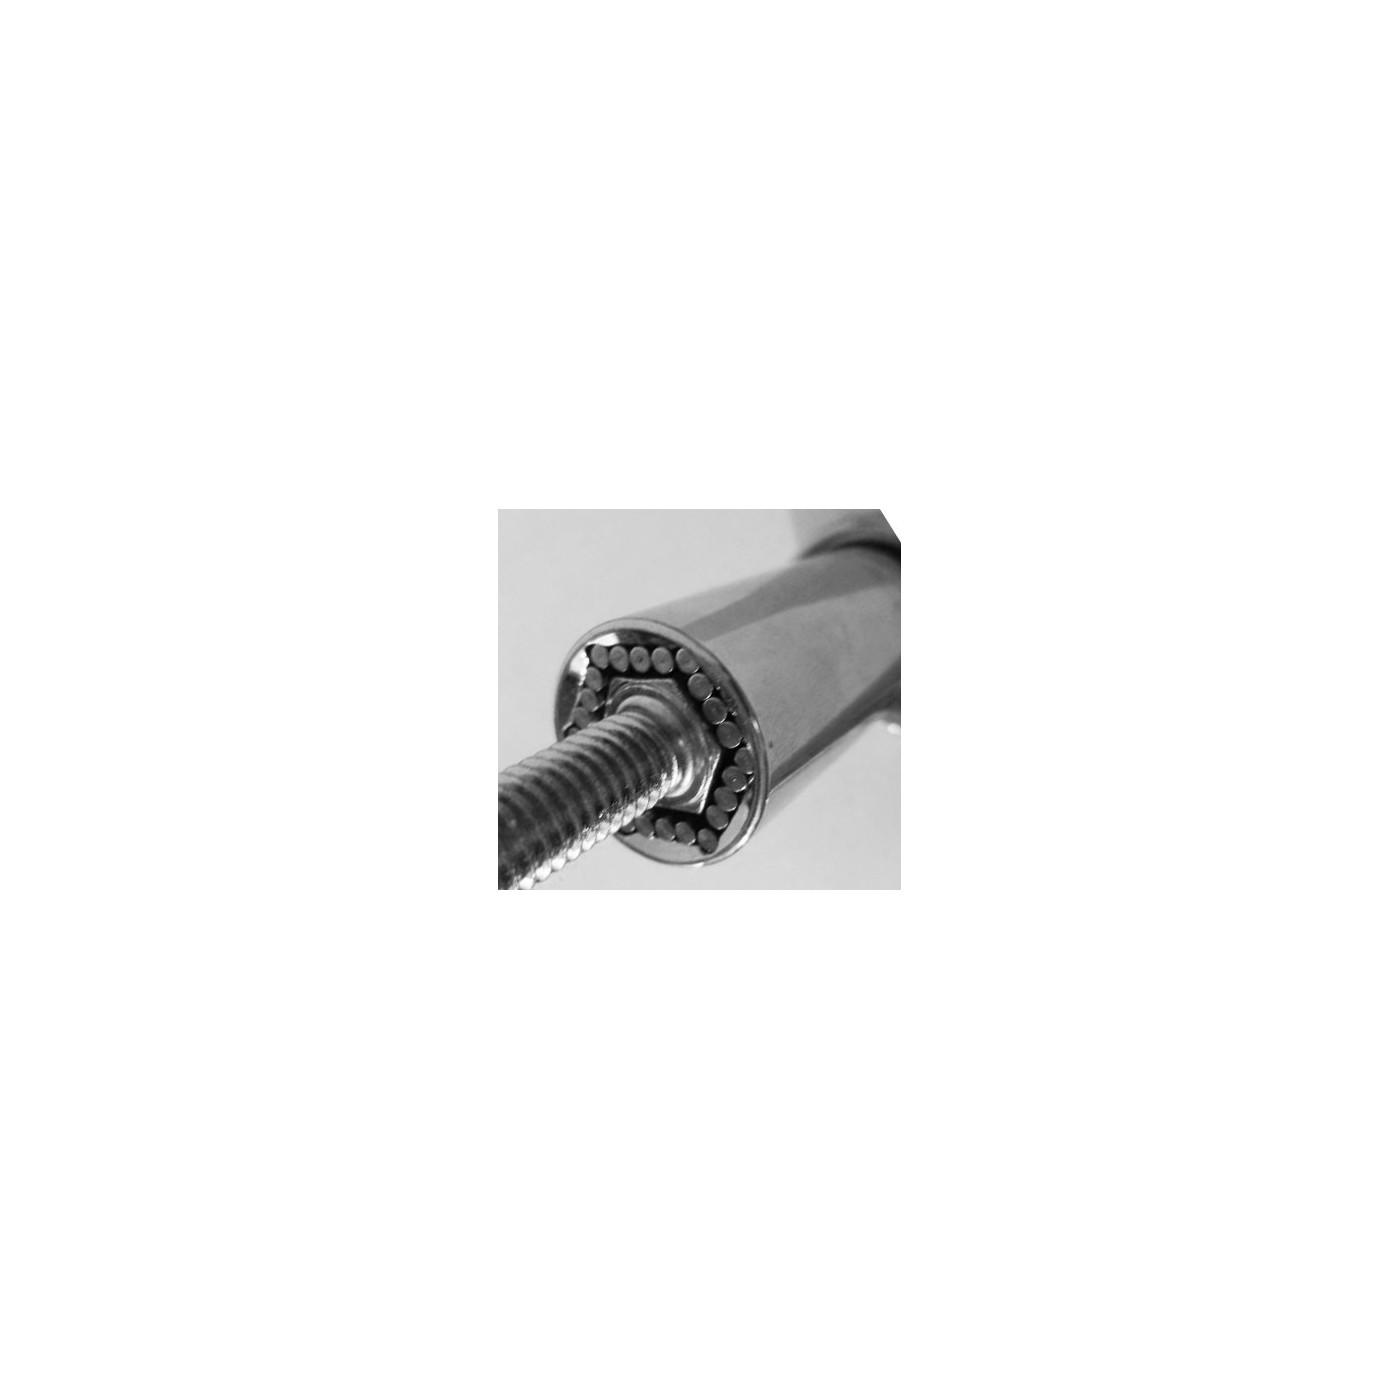 Gator poignée MEDIUM, clé à douille universelle 9-27 mm  - 1